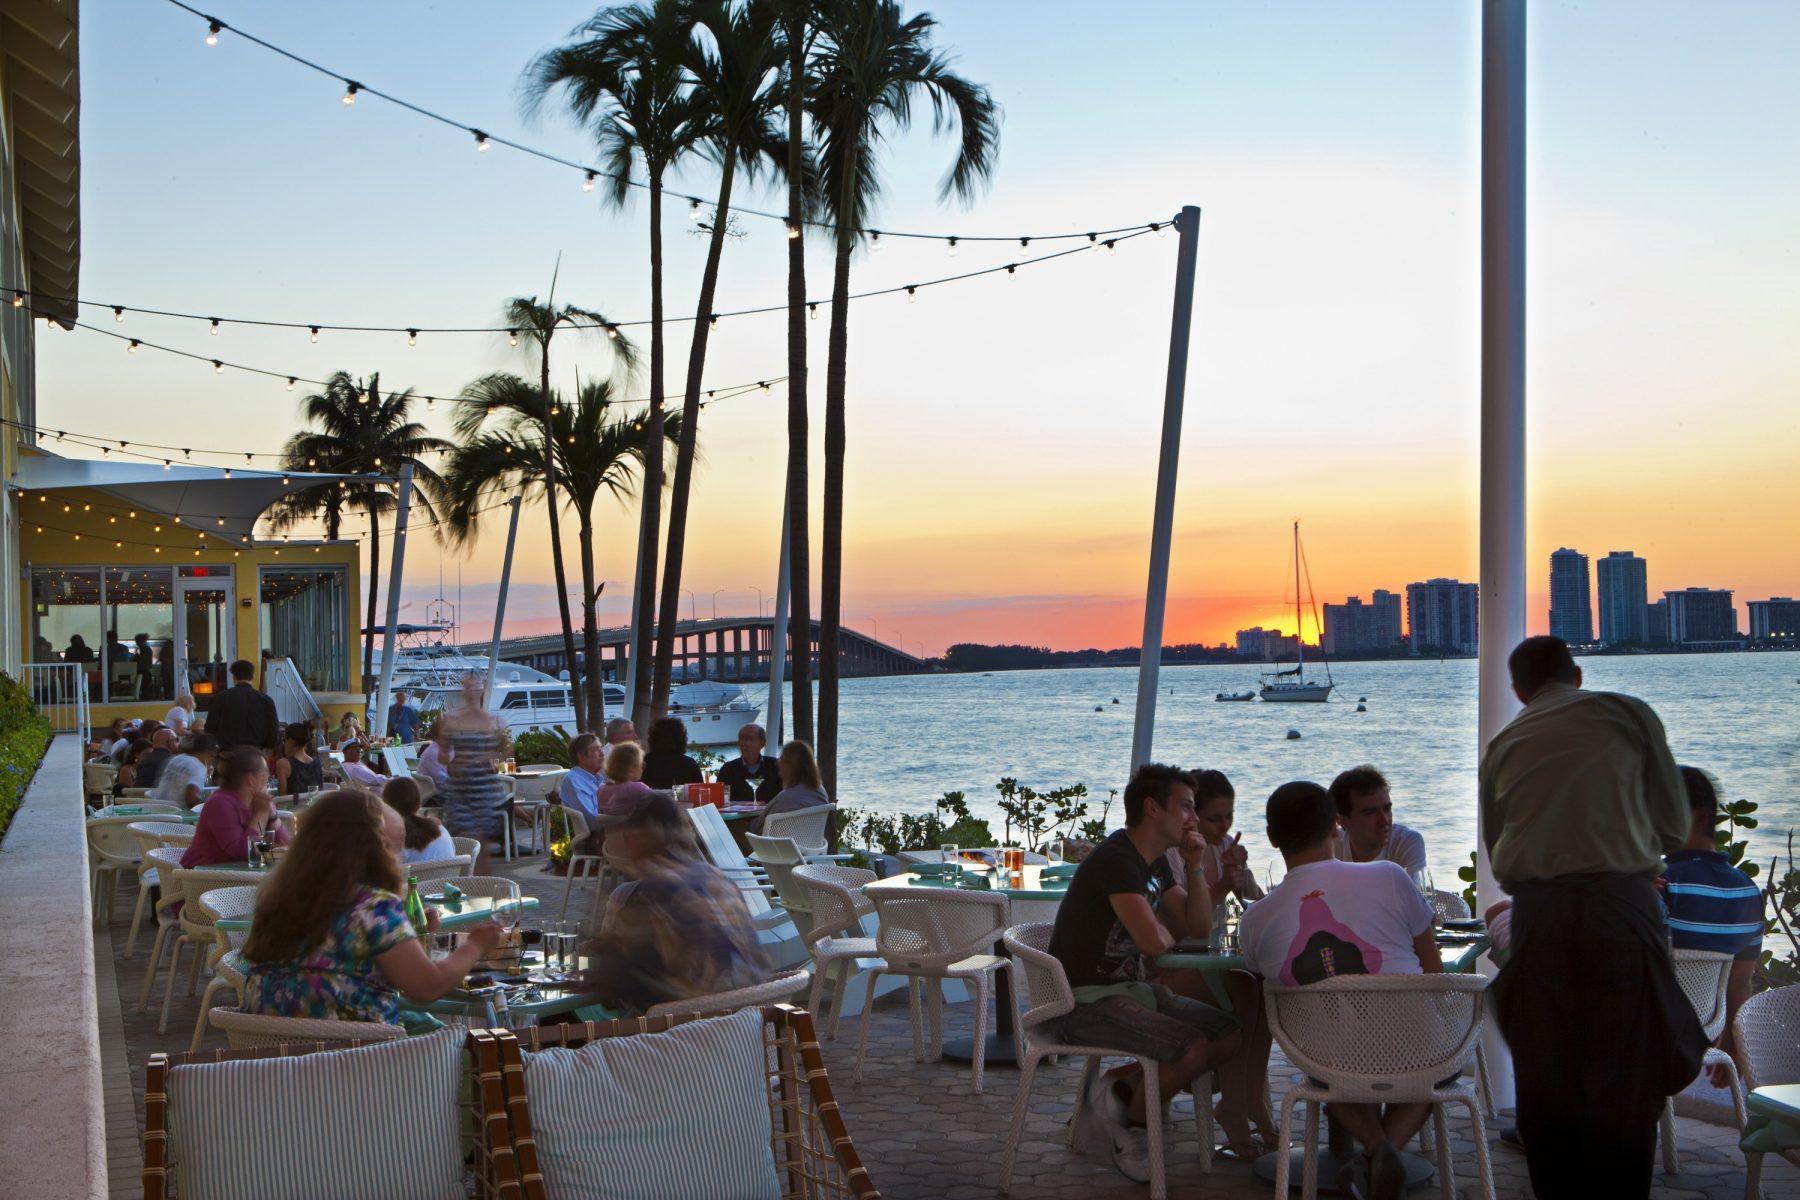 vue rusty pélican restaurants avec vue table avec vue skyline de Miami vue mer plein les yeux blog miami off road